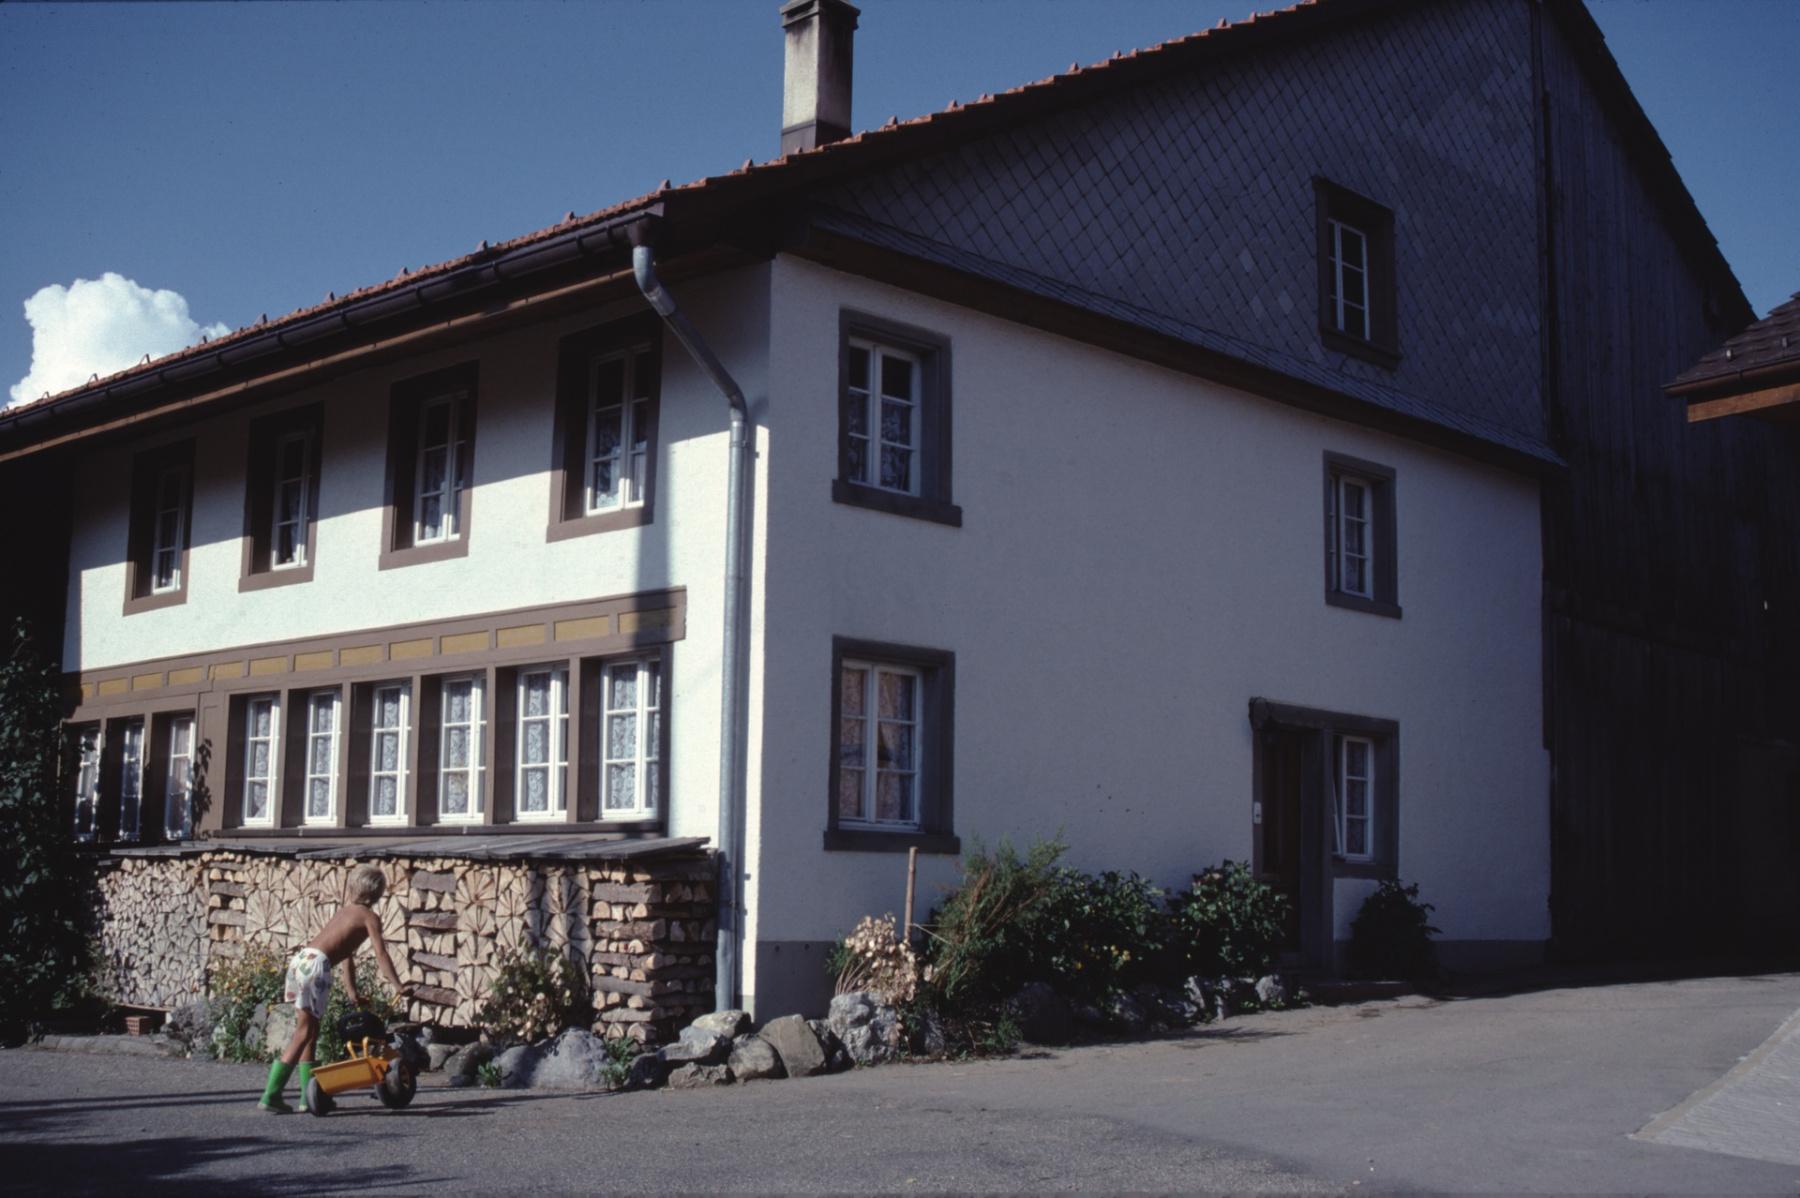 Allenberg, ehemalige Skihütte